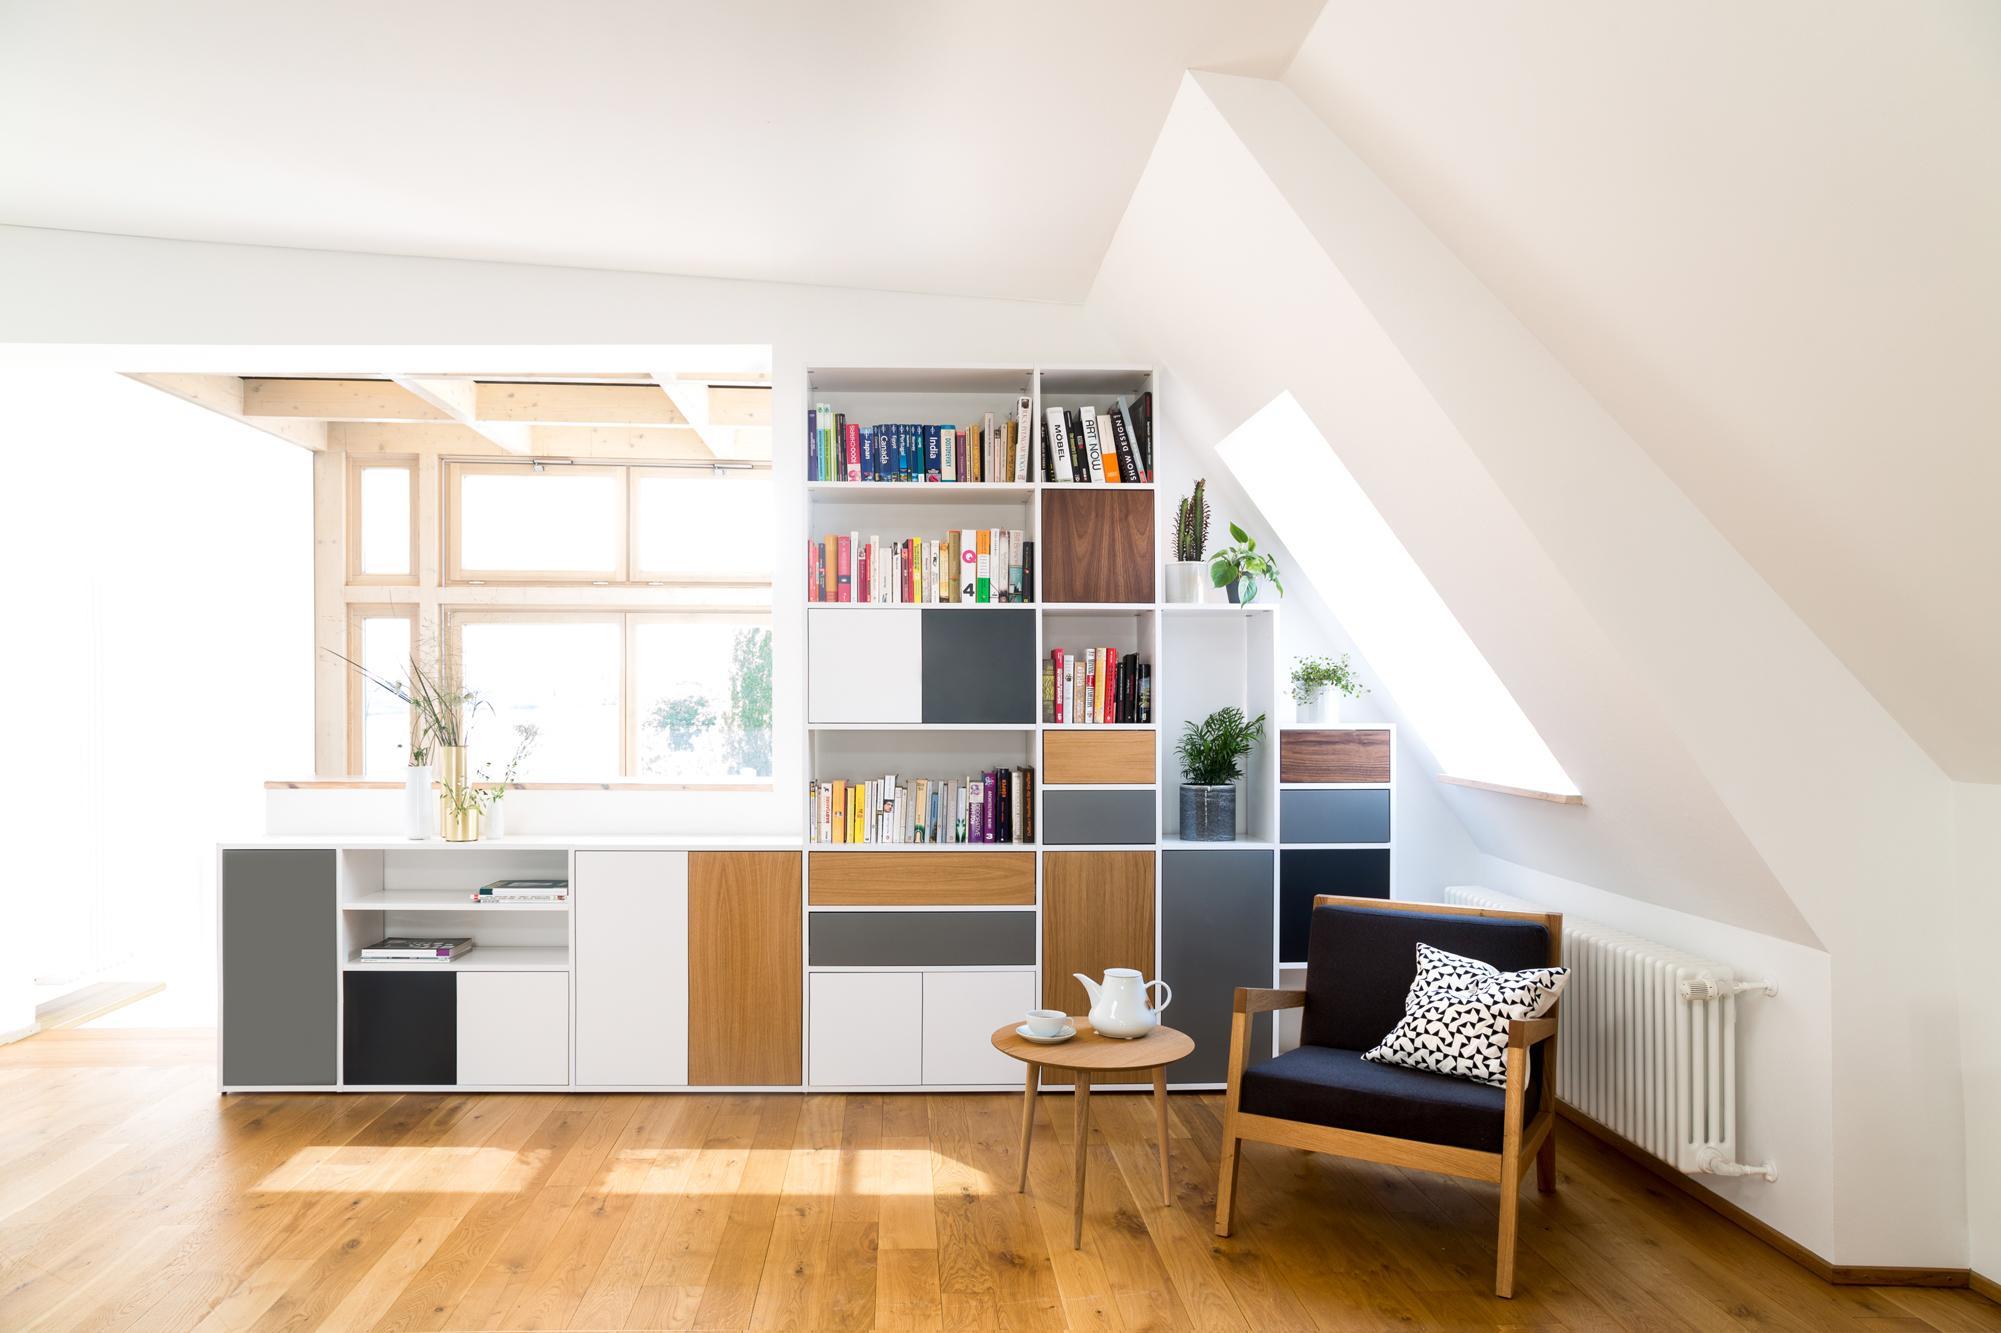 Zimmer Mit Dachschräge Gekonnt Einrichten #dachgeschoss #sideboard  #wohnwand #zimmergestaltung ©mycs